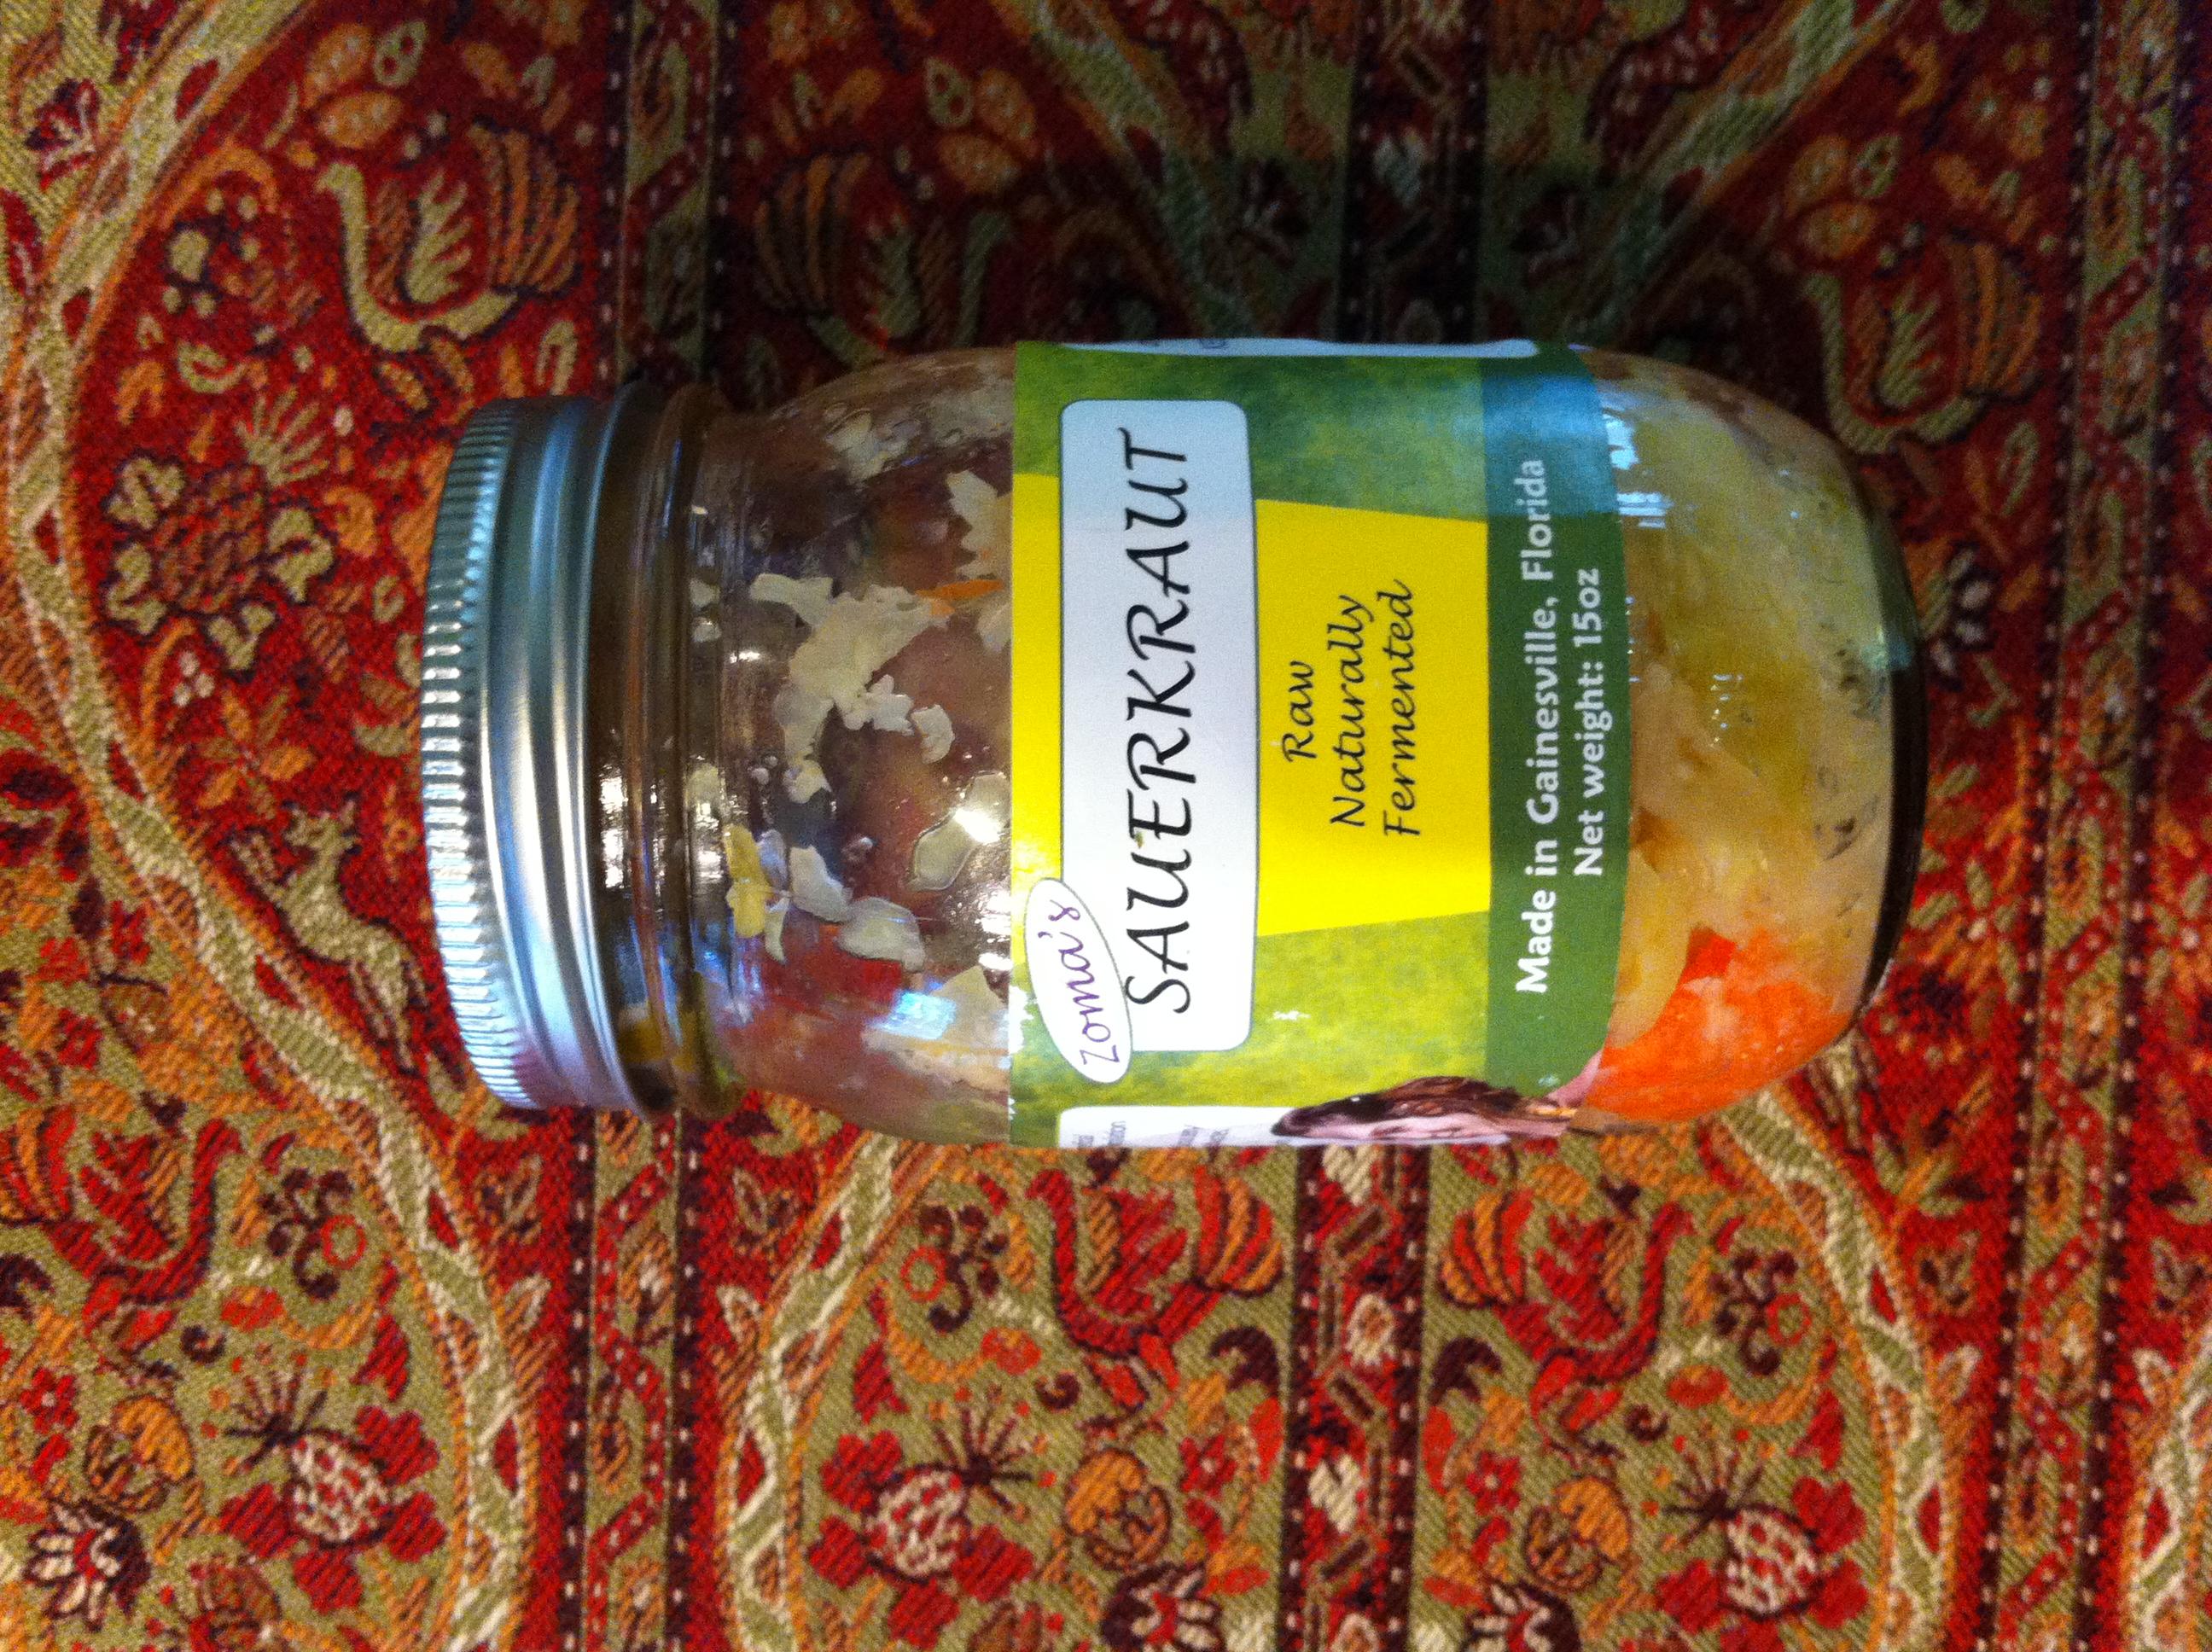 Zoma's Sauerkraut